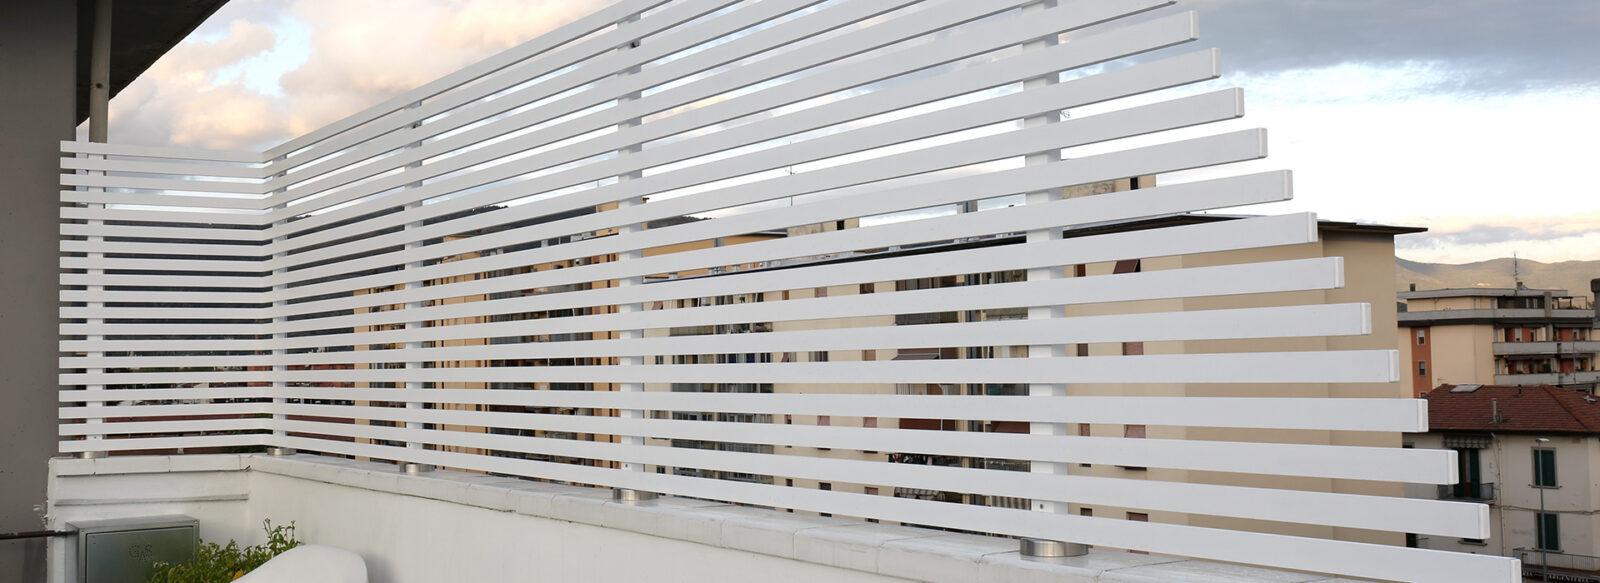 porte_serramenti_finestre_02